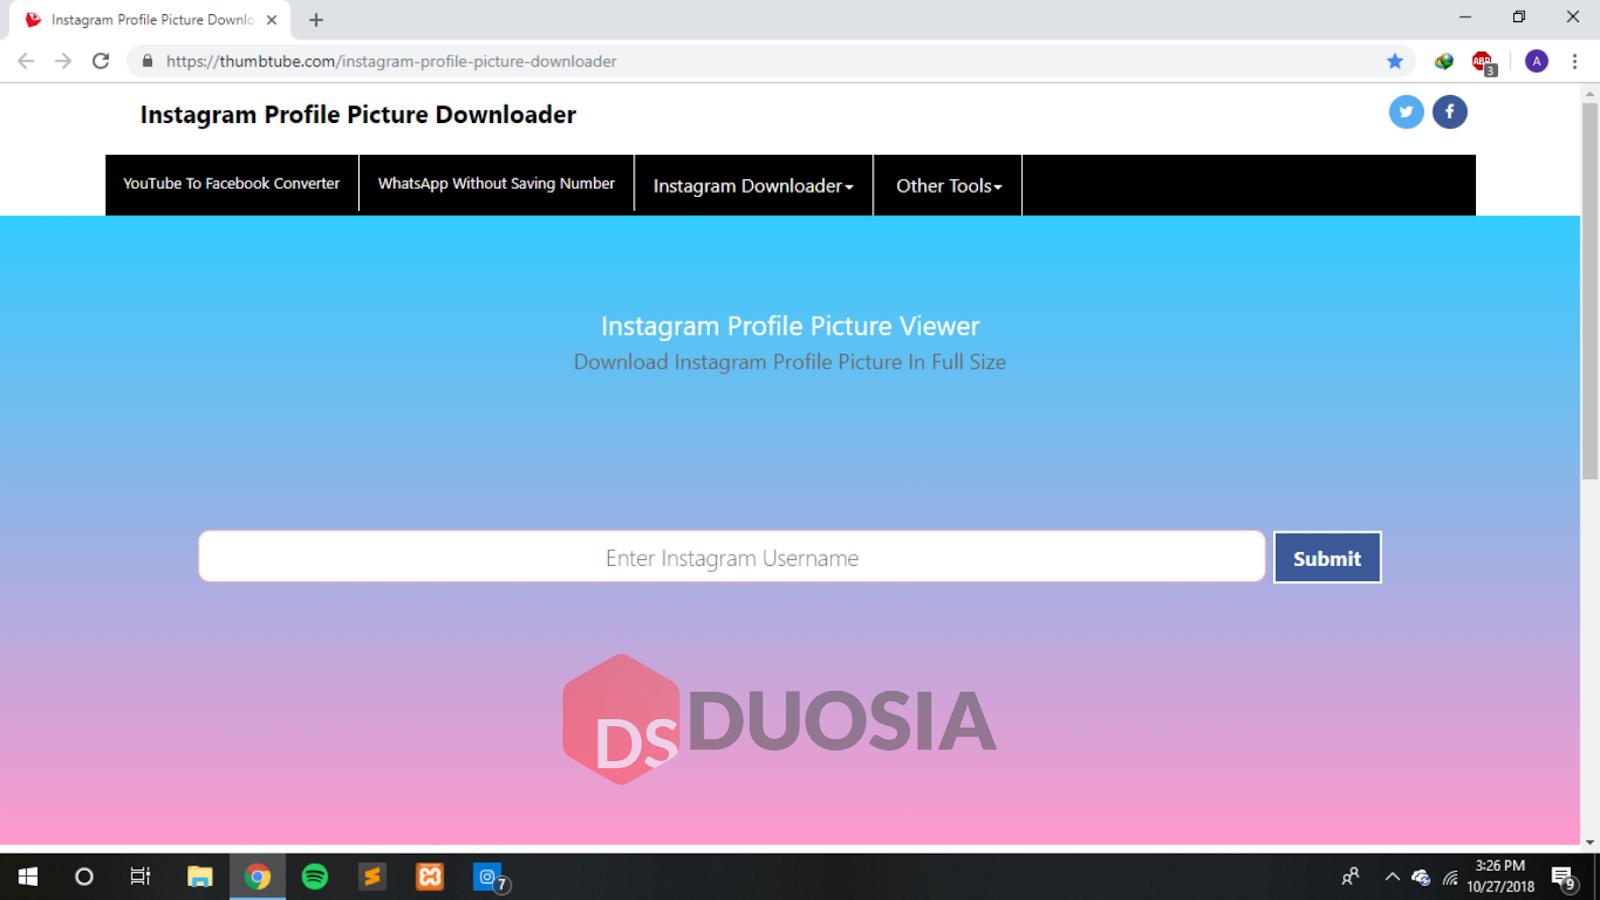 cara download dp instagram tanpa ribet